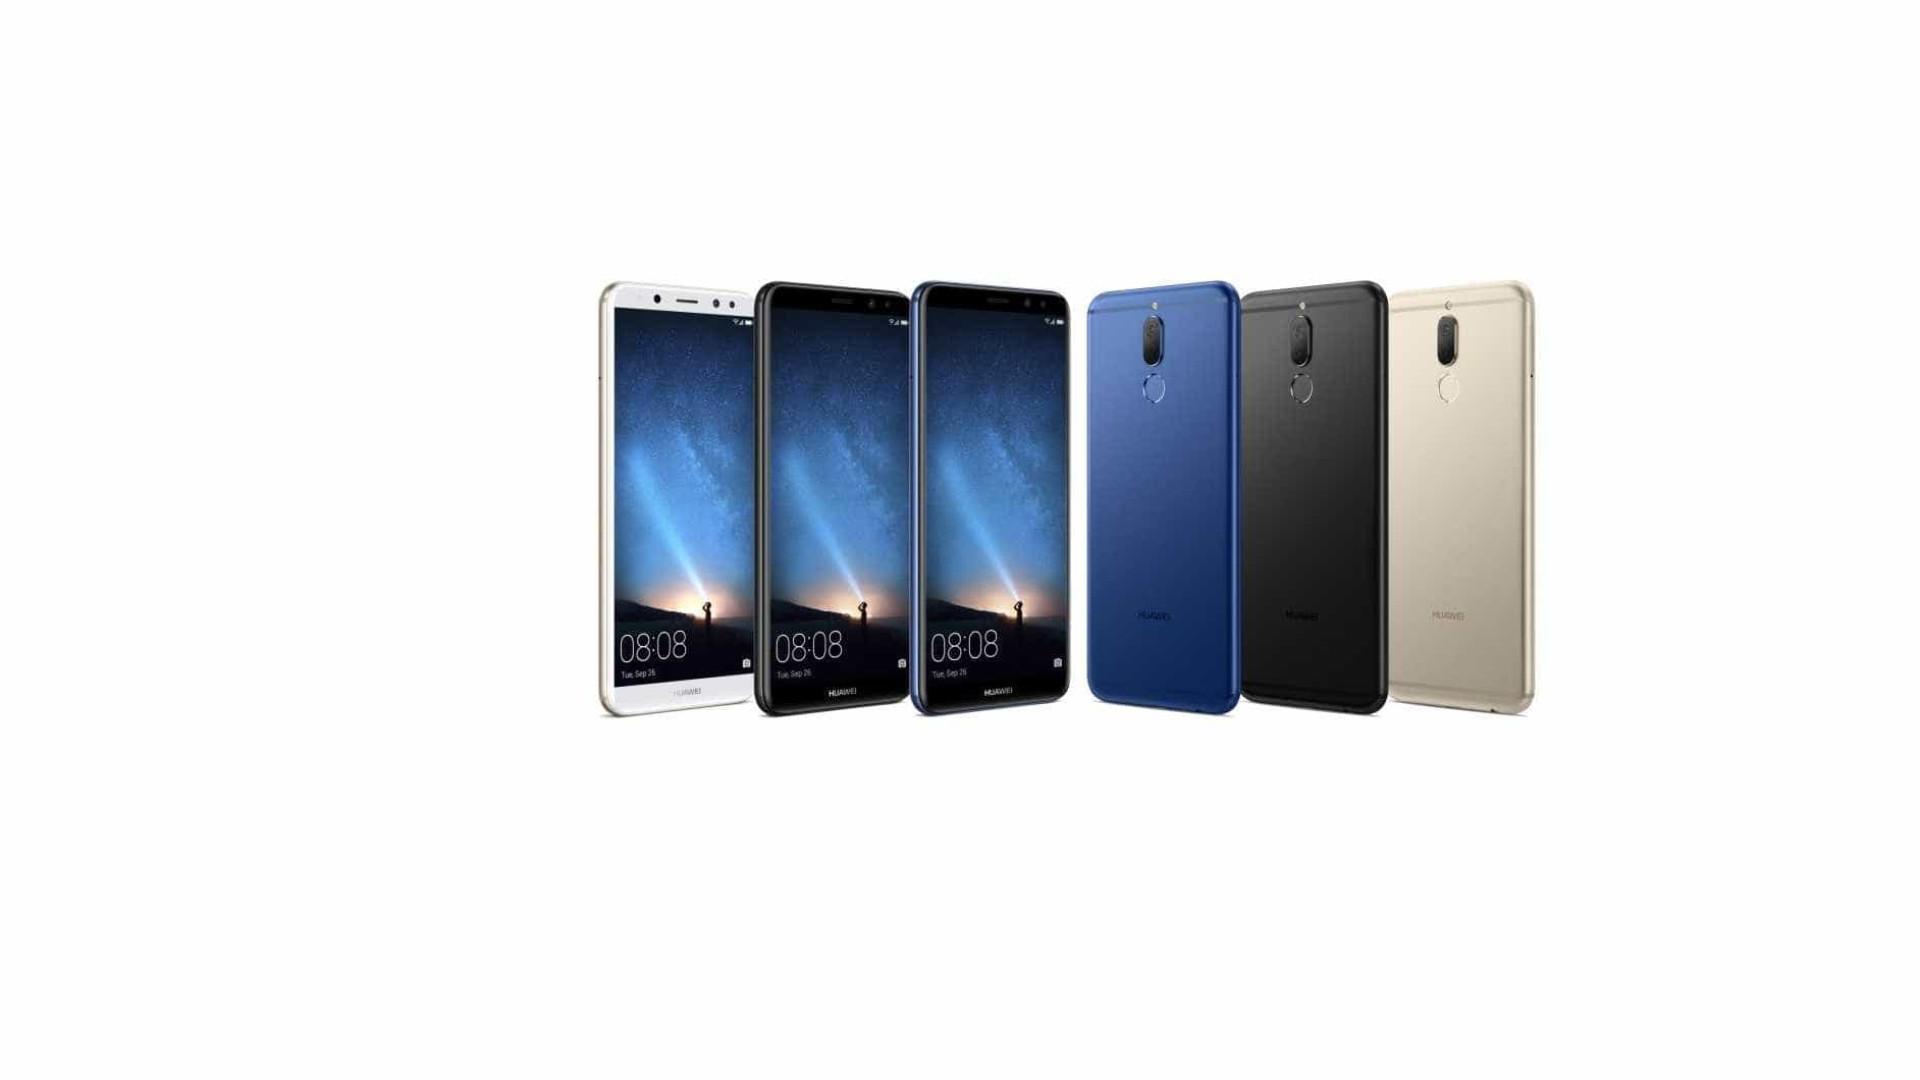 Huawei Maimang 6 é anucniado oficialmente com Kirin 659 SoC